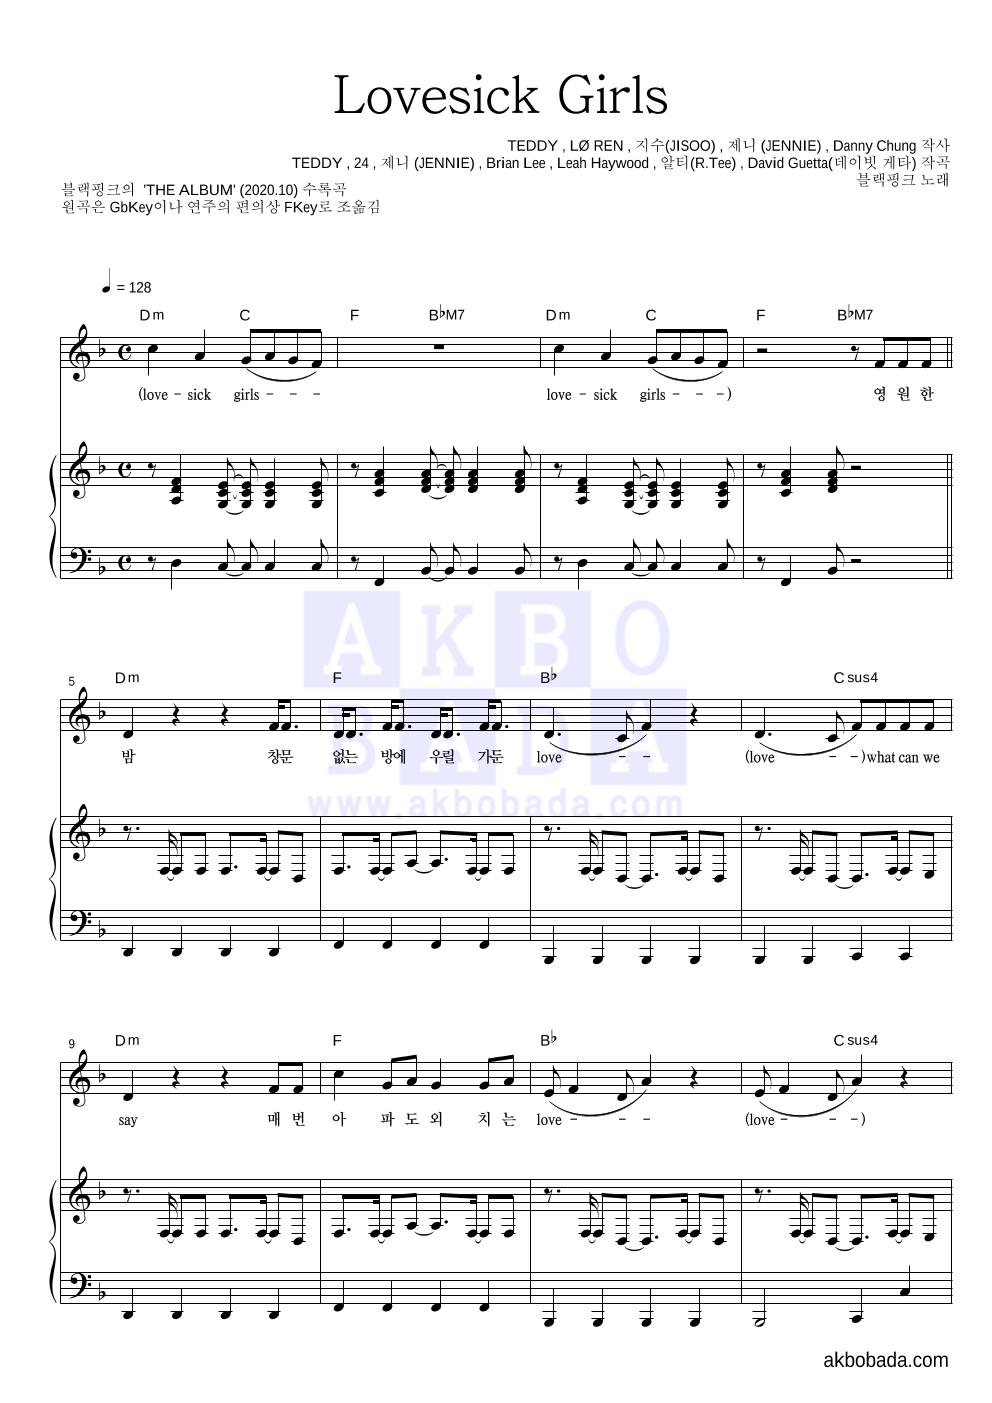 블랙핑크 - Lovesick Girls 피아노 3단 악보